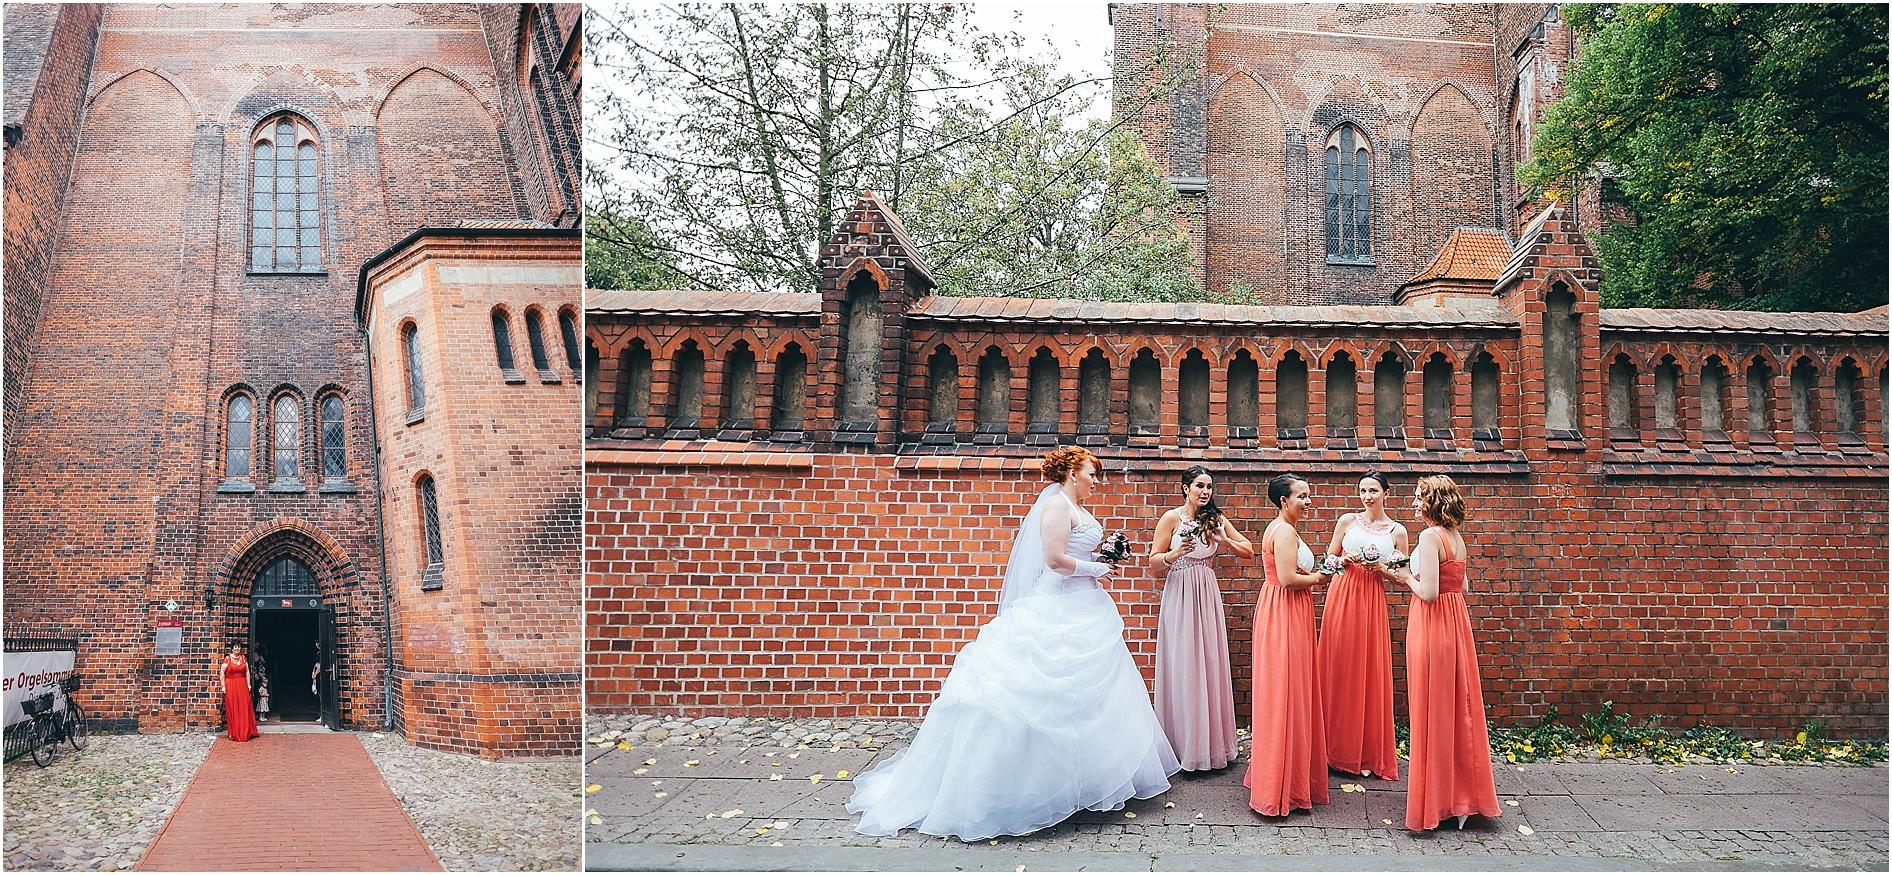 2014-11-20_0027 Lora & Daniel - Als Hochzeitsfotograf in Lüneburg